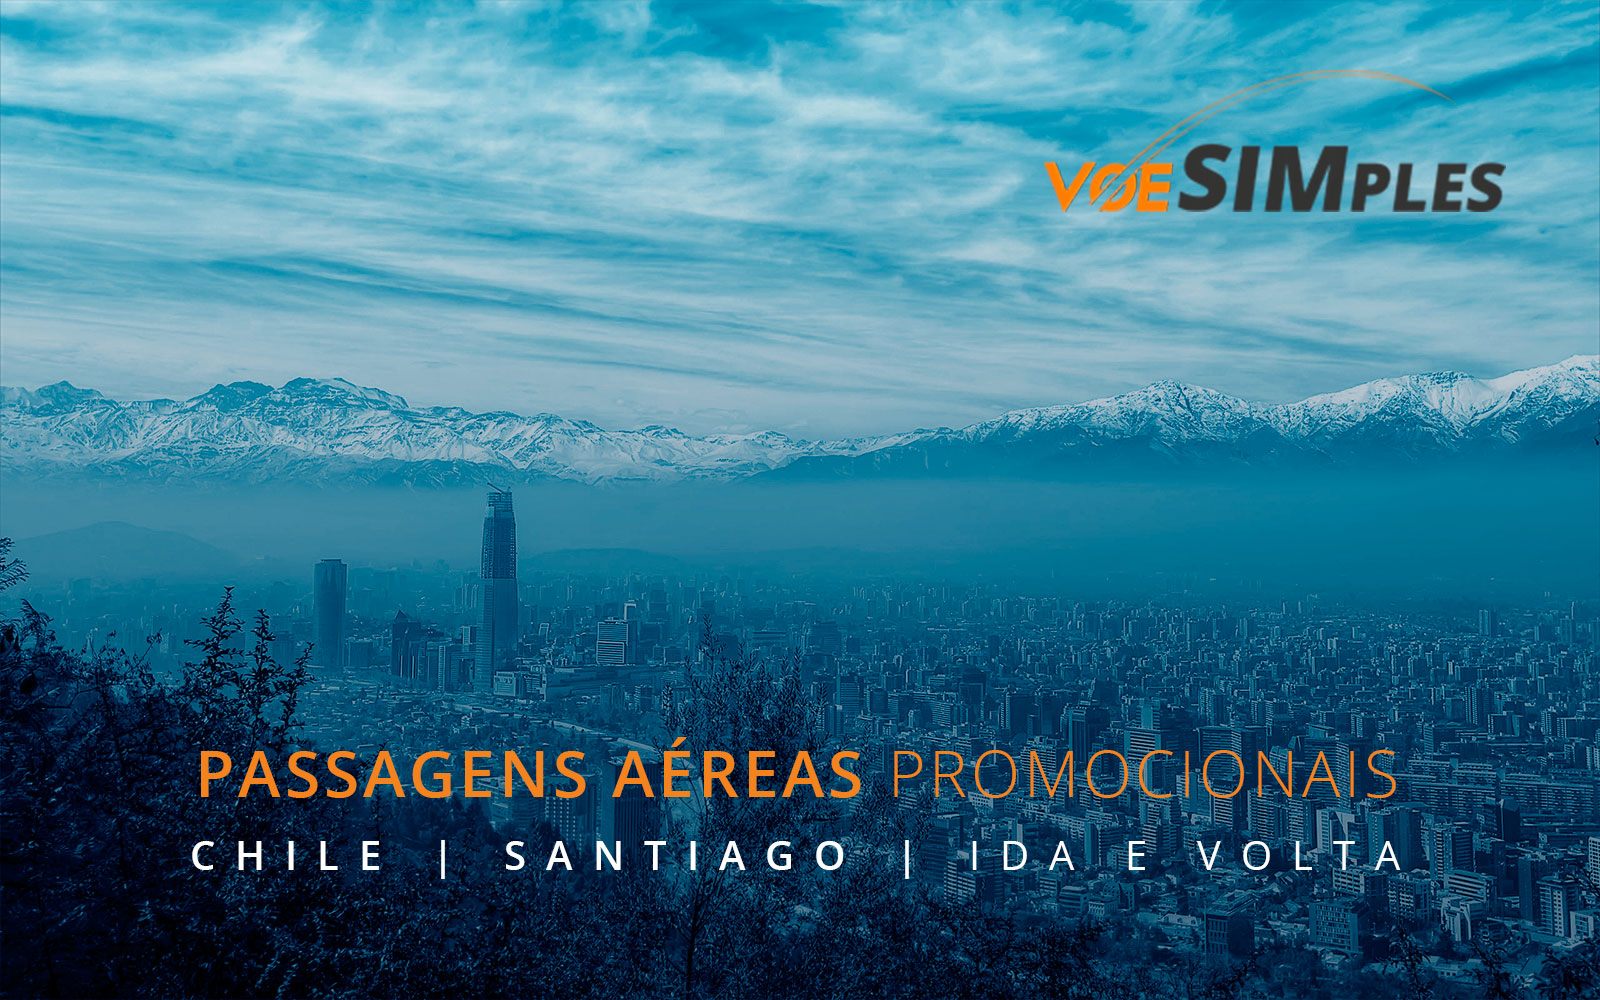 Passagens aéreas promocionais para o Chile